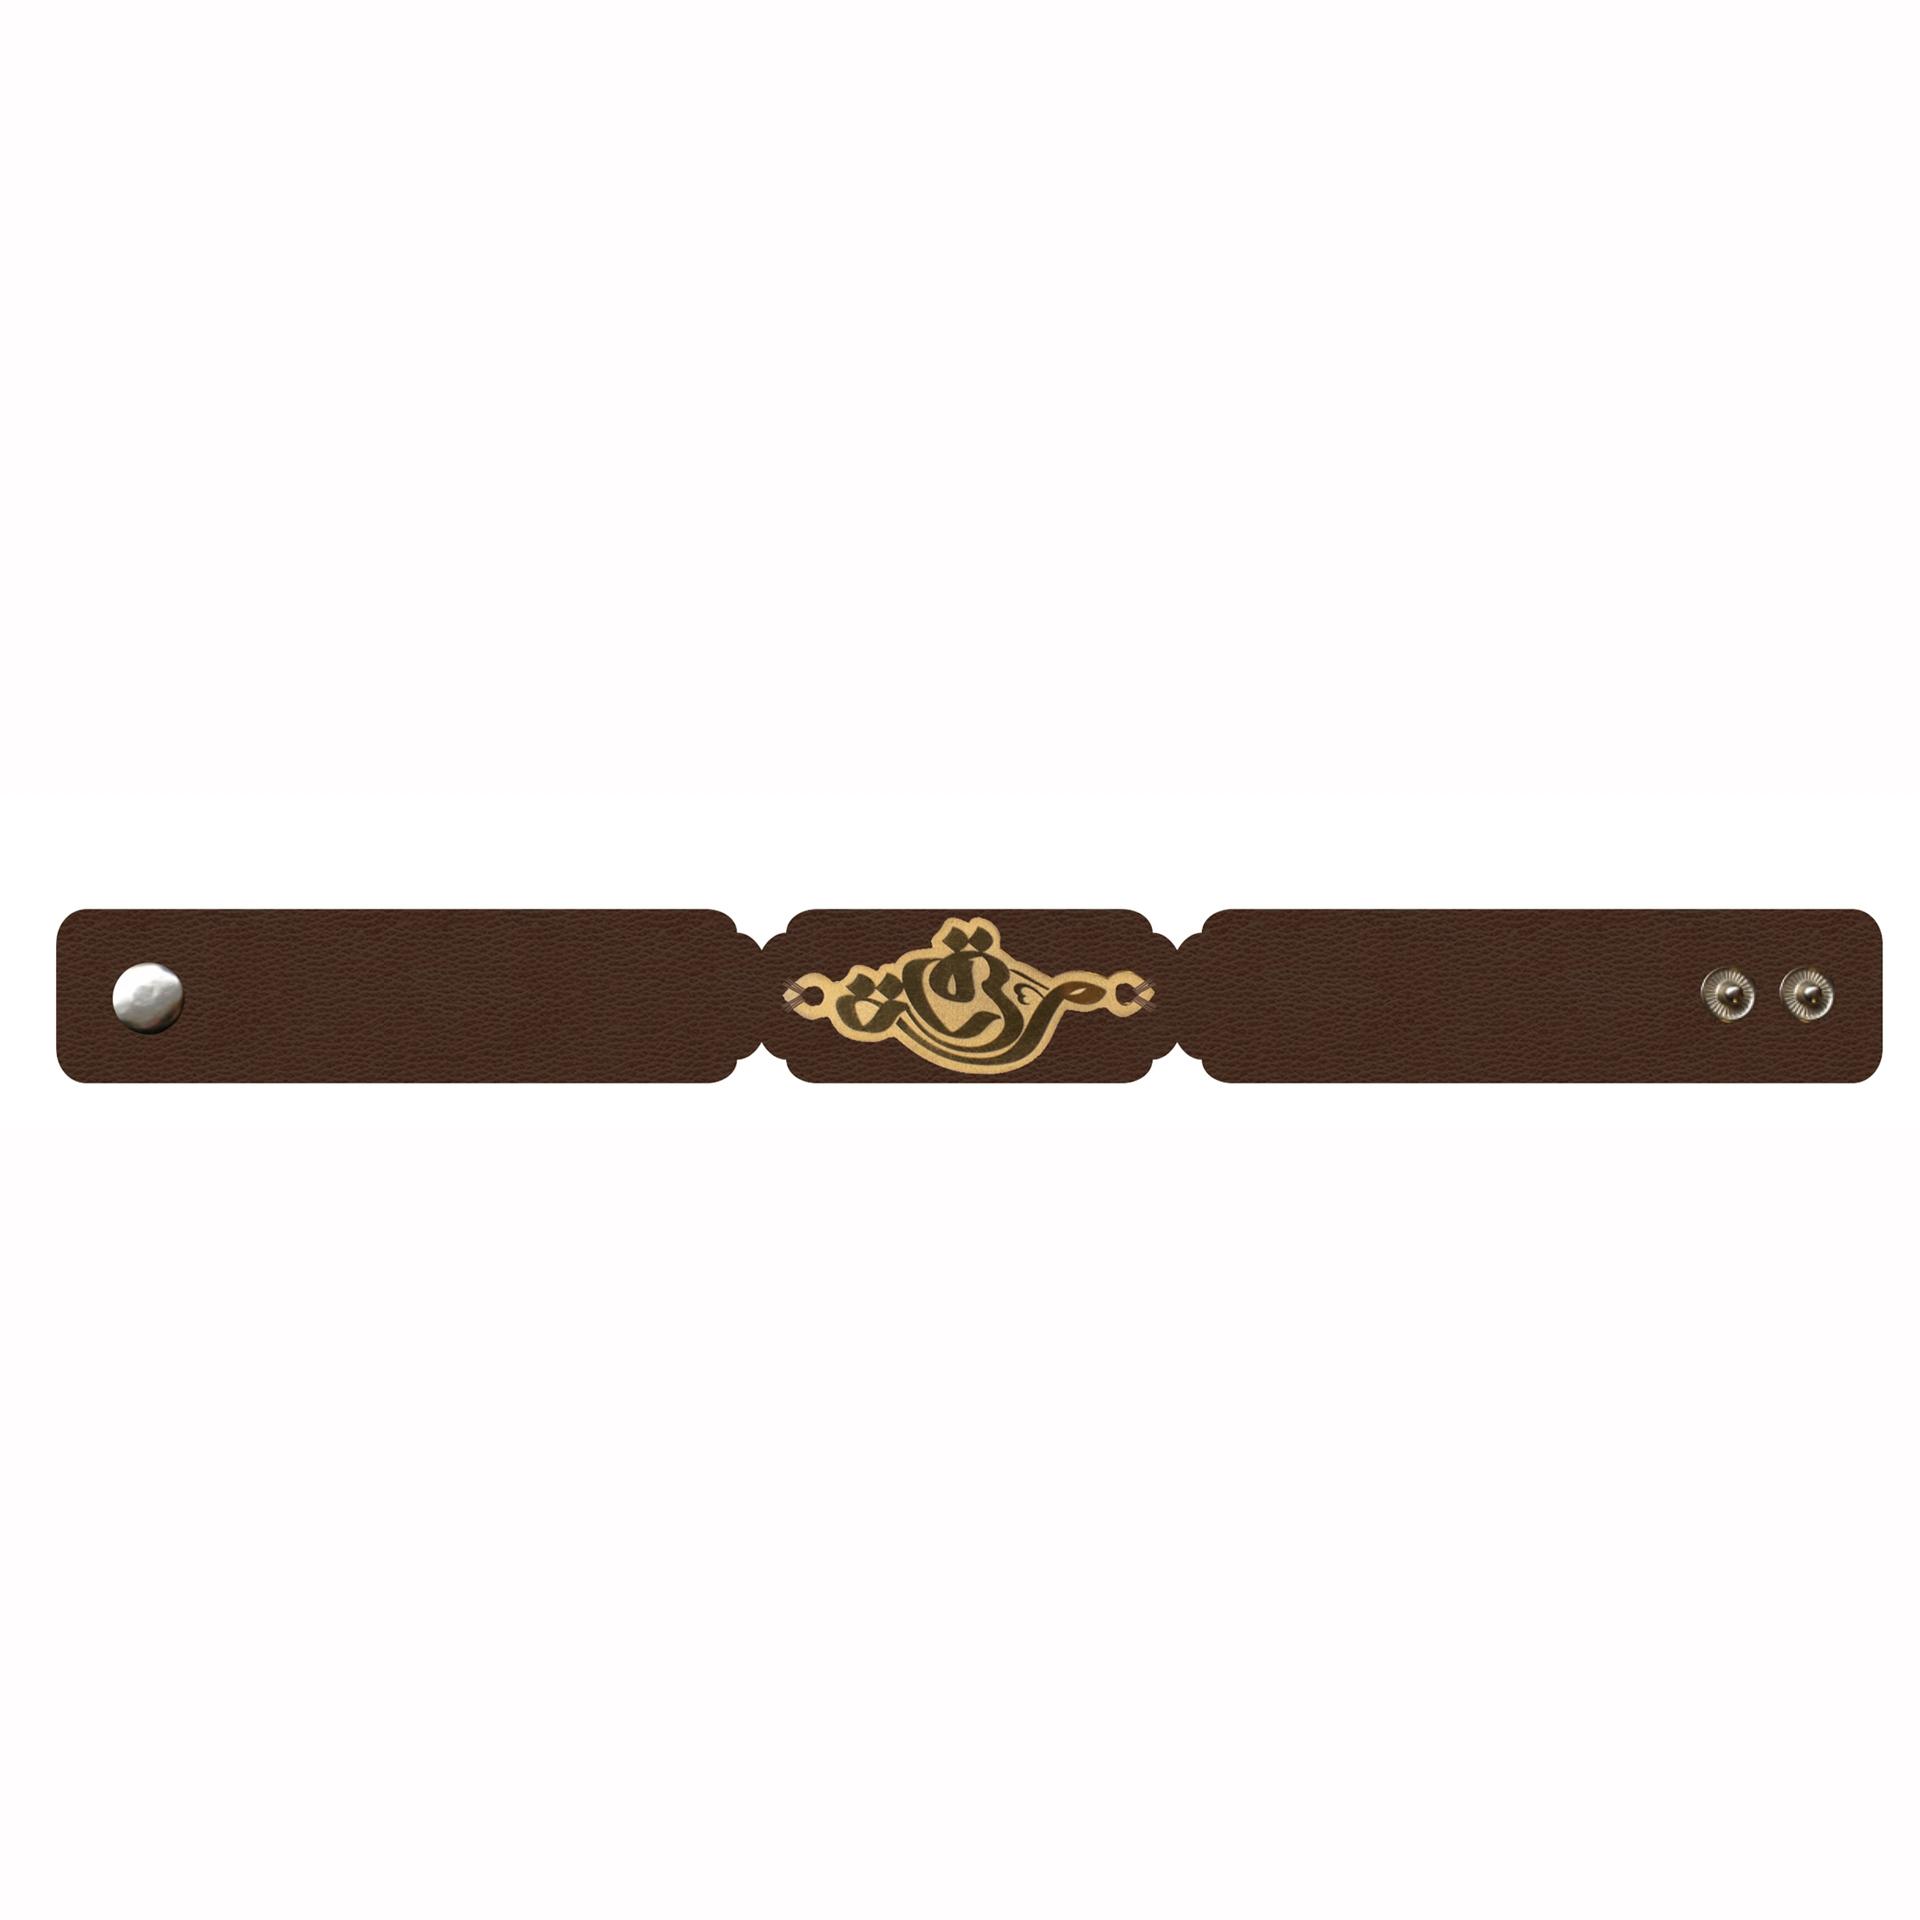 تصویر از دستبند چرمی با پلاک برنج طرح «رقیه»